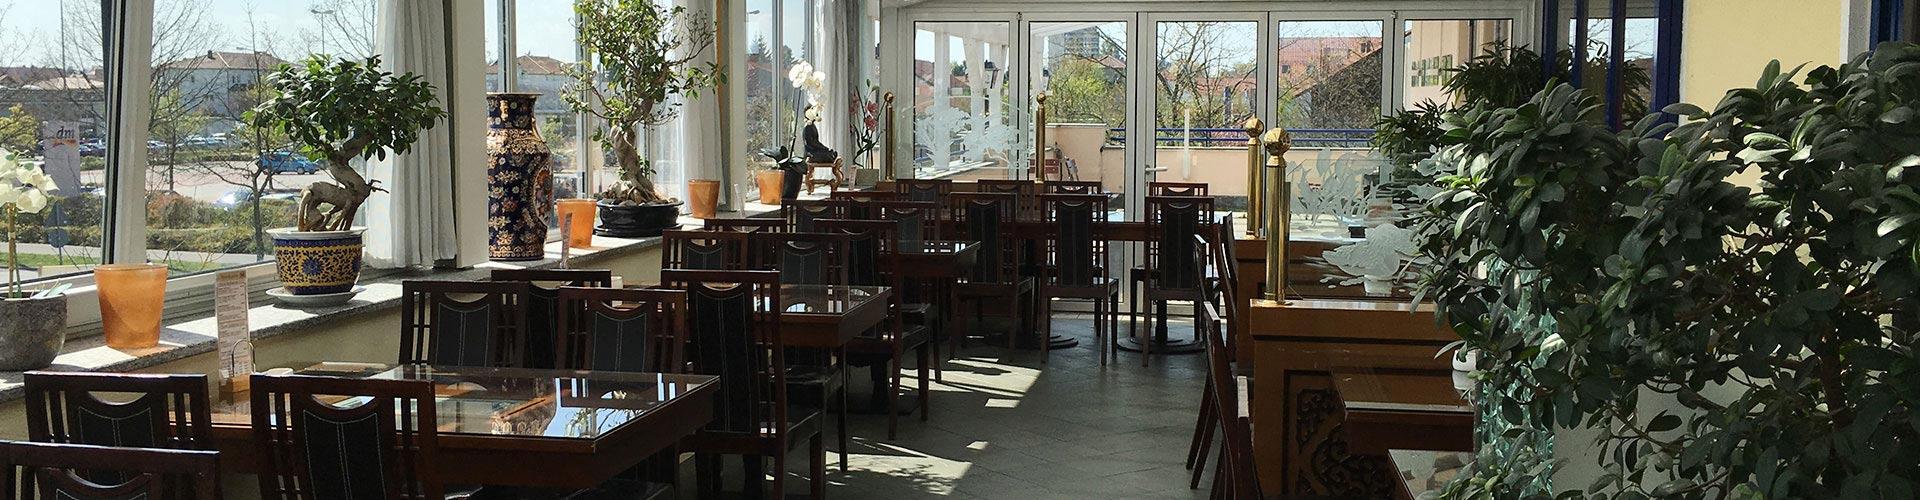 China Restaurant Majestic Tisch reservieren